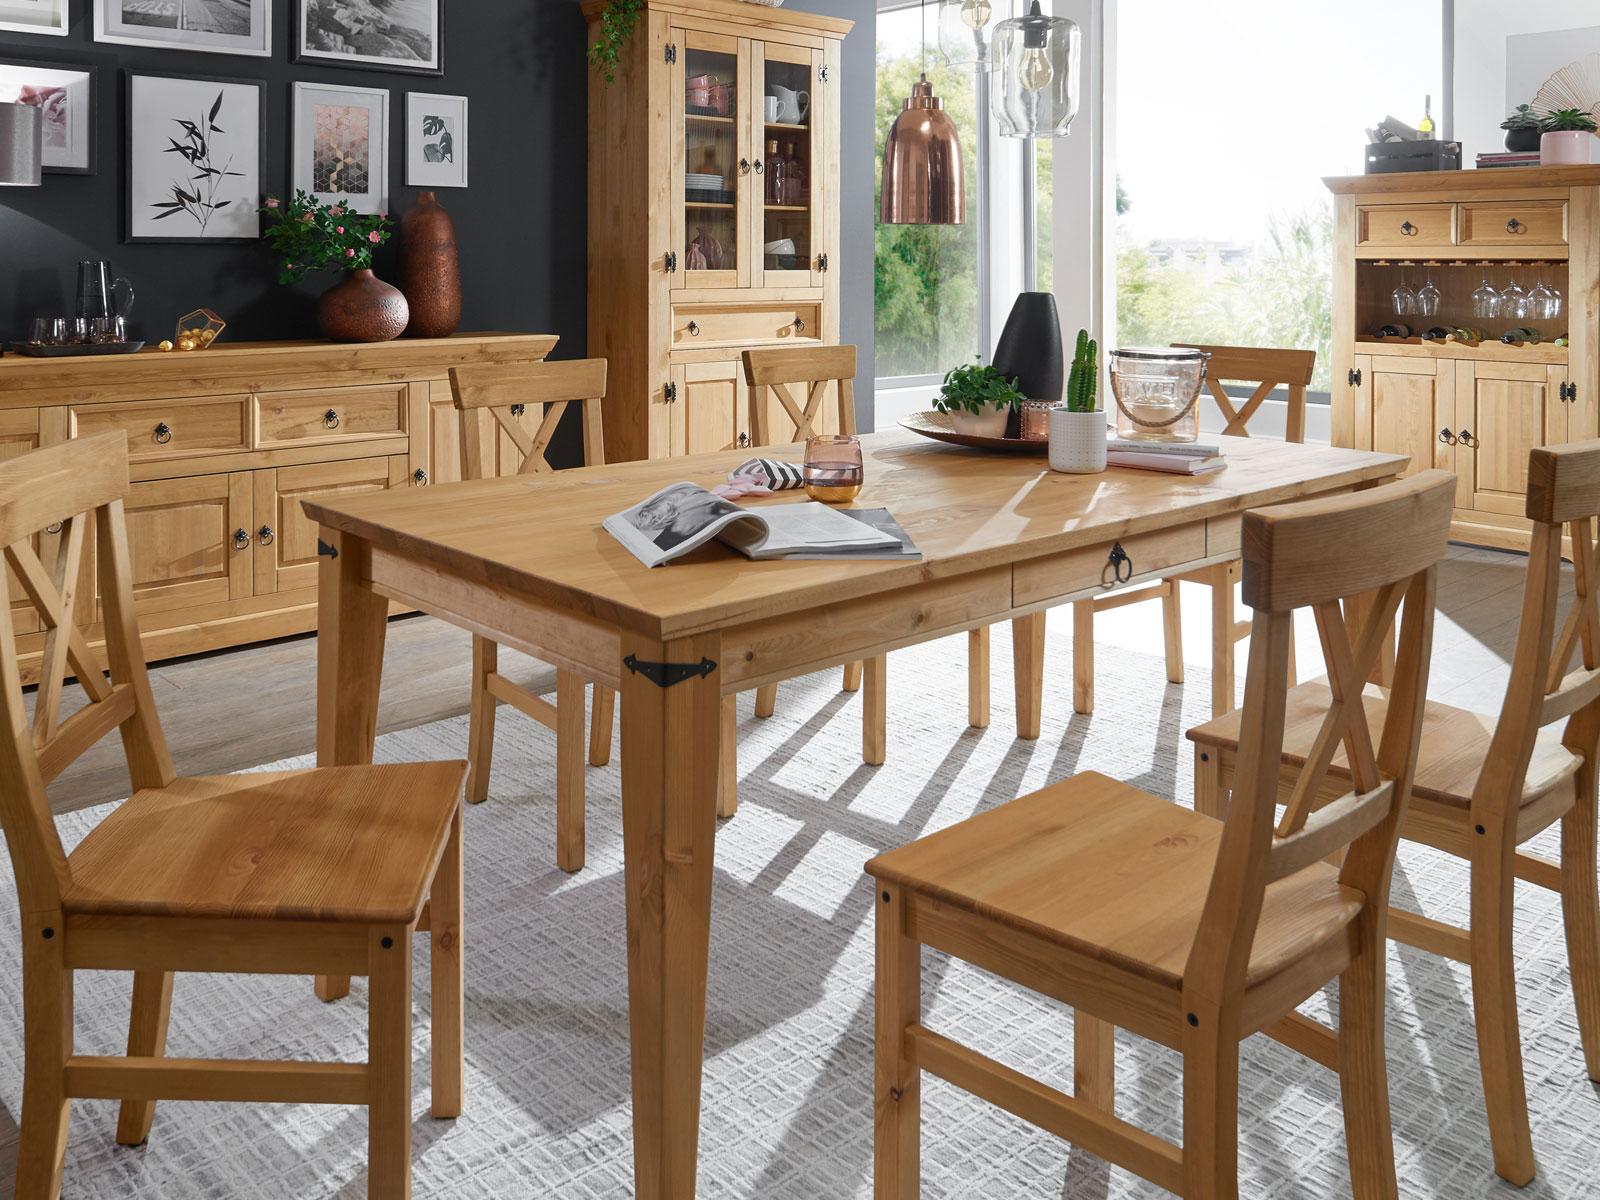 Full Size of Stühle Esstisch Essgruppe Torino Massivholz 1 180x90 Cm U 6 Sthle Pinie Esstische Bogenlampe Set Günstig Ausziehbarer Eiche Massiv 2m Industrial Quadratisch Esstische Stühle Esstisch